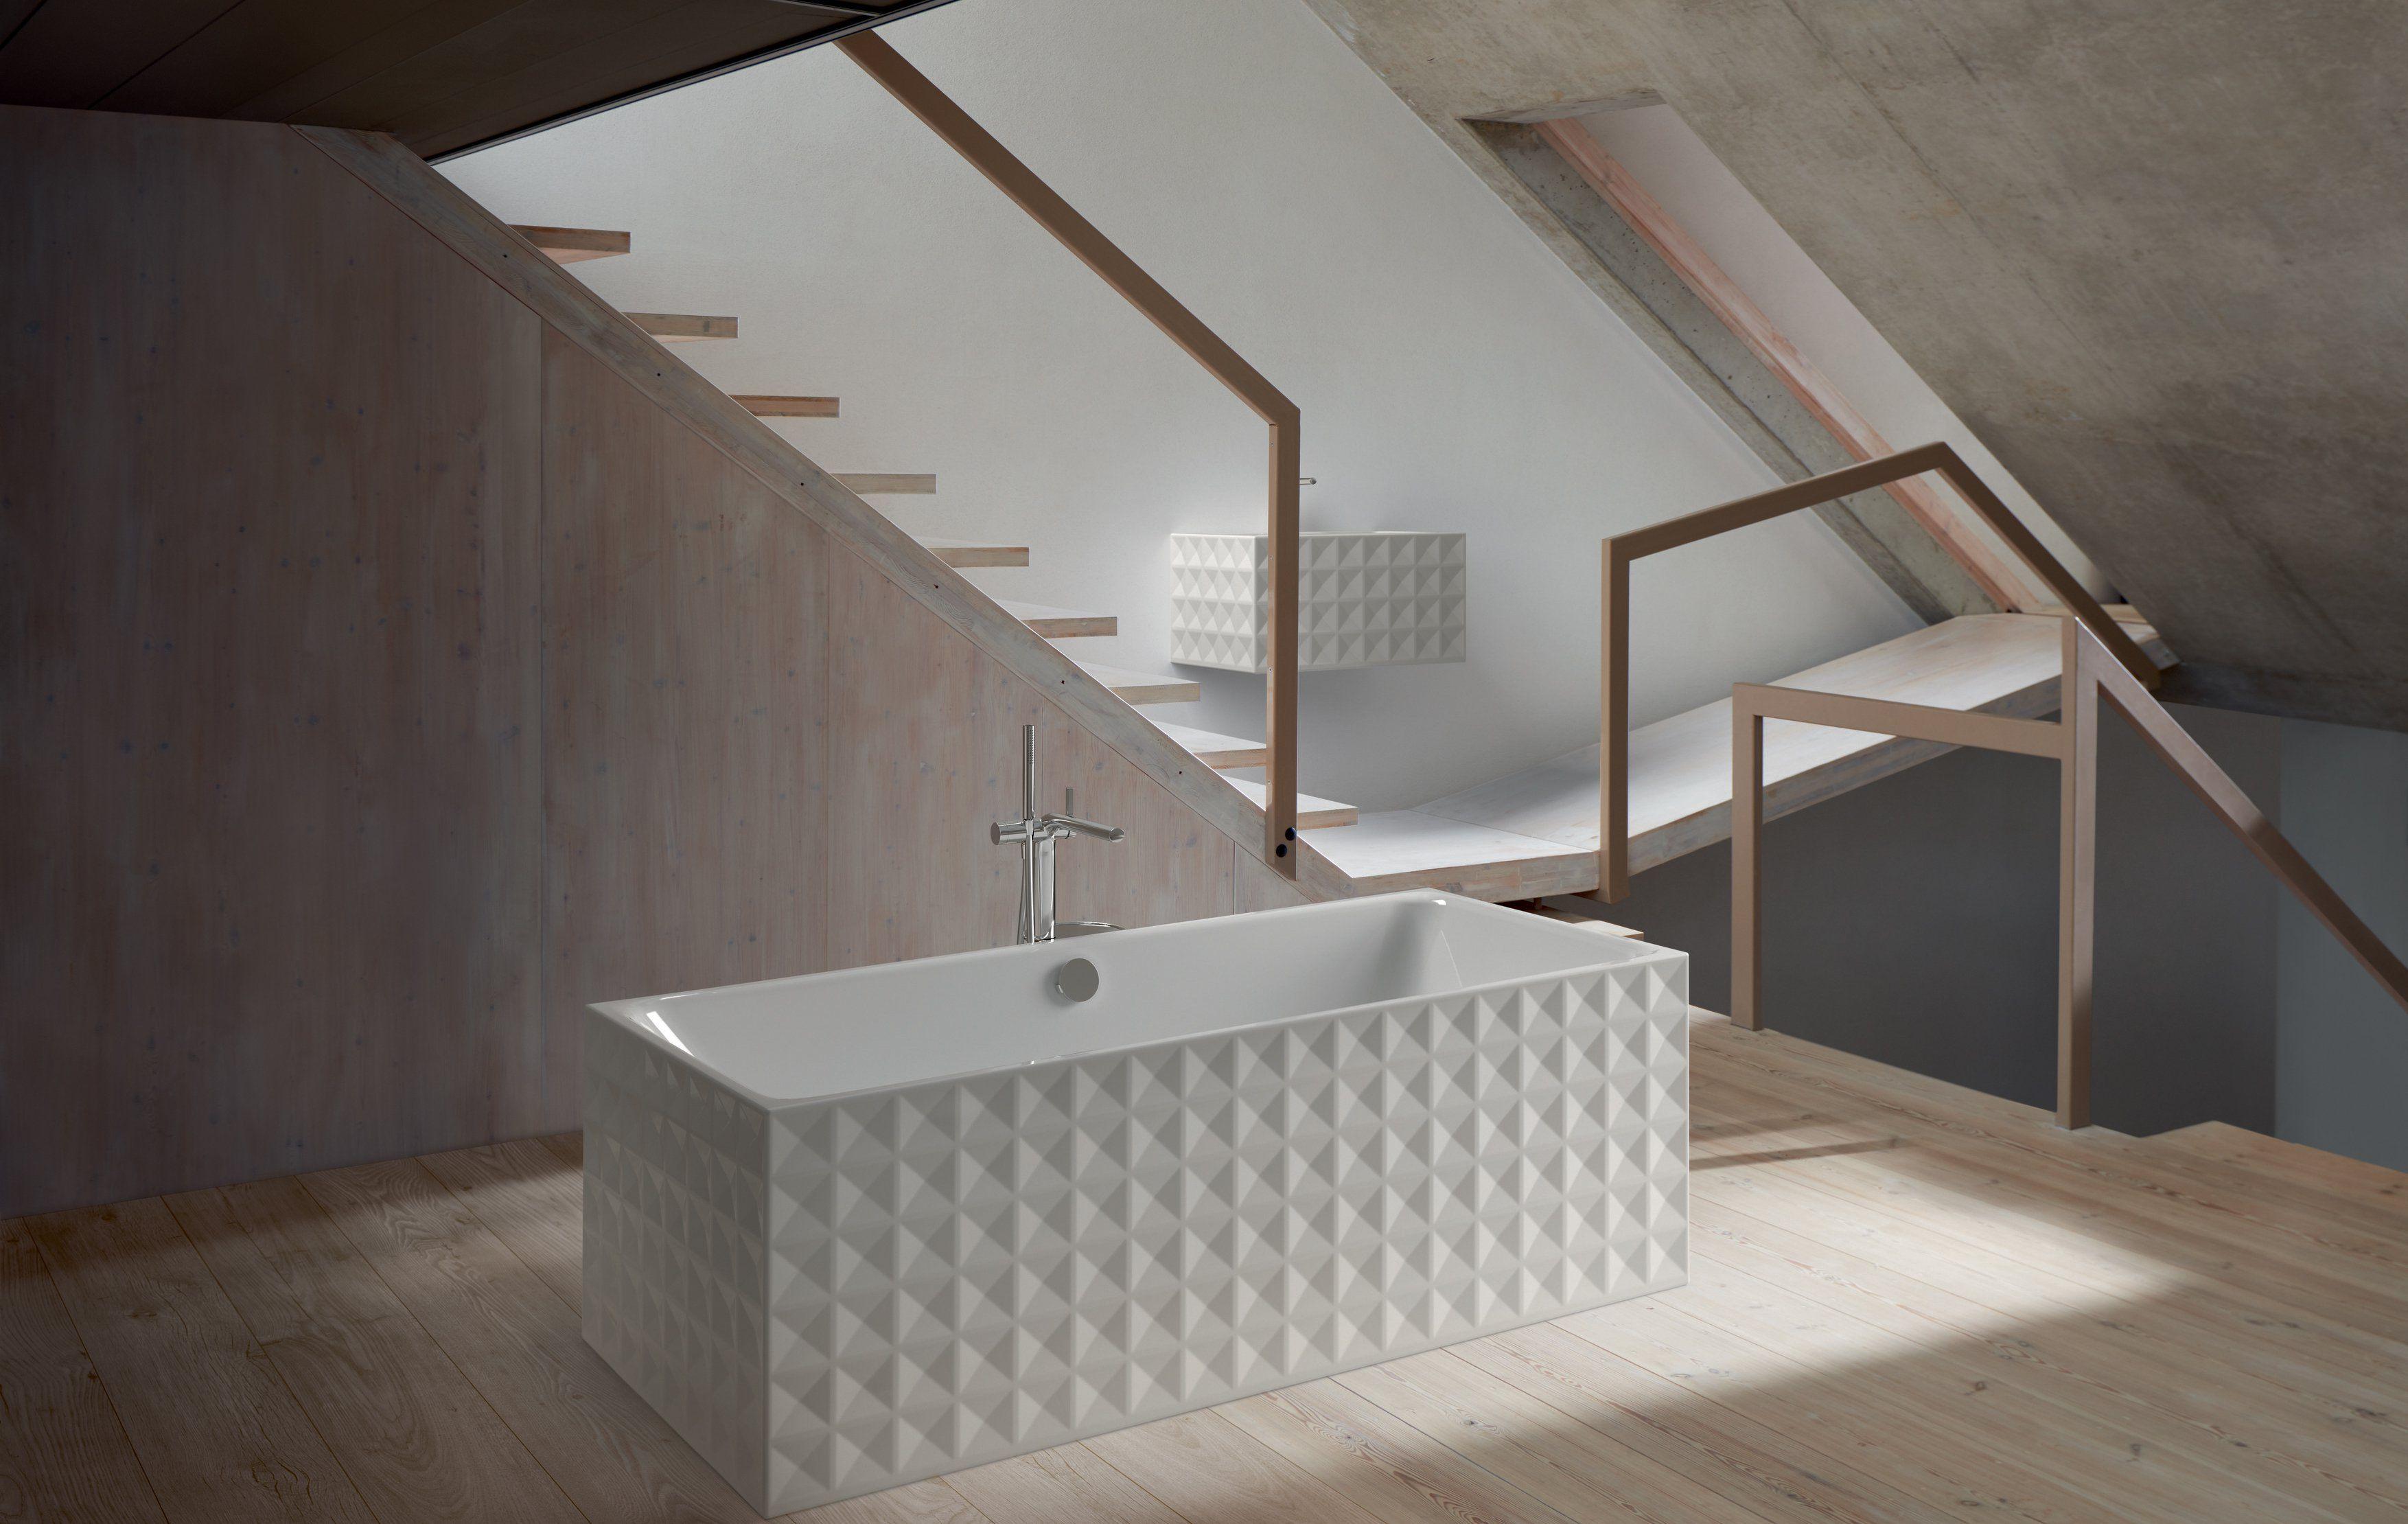 Sauber!: Neue Badmöbel und Badezimmer-Trends | Badgestaltung ...